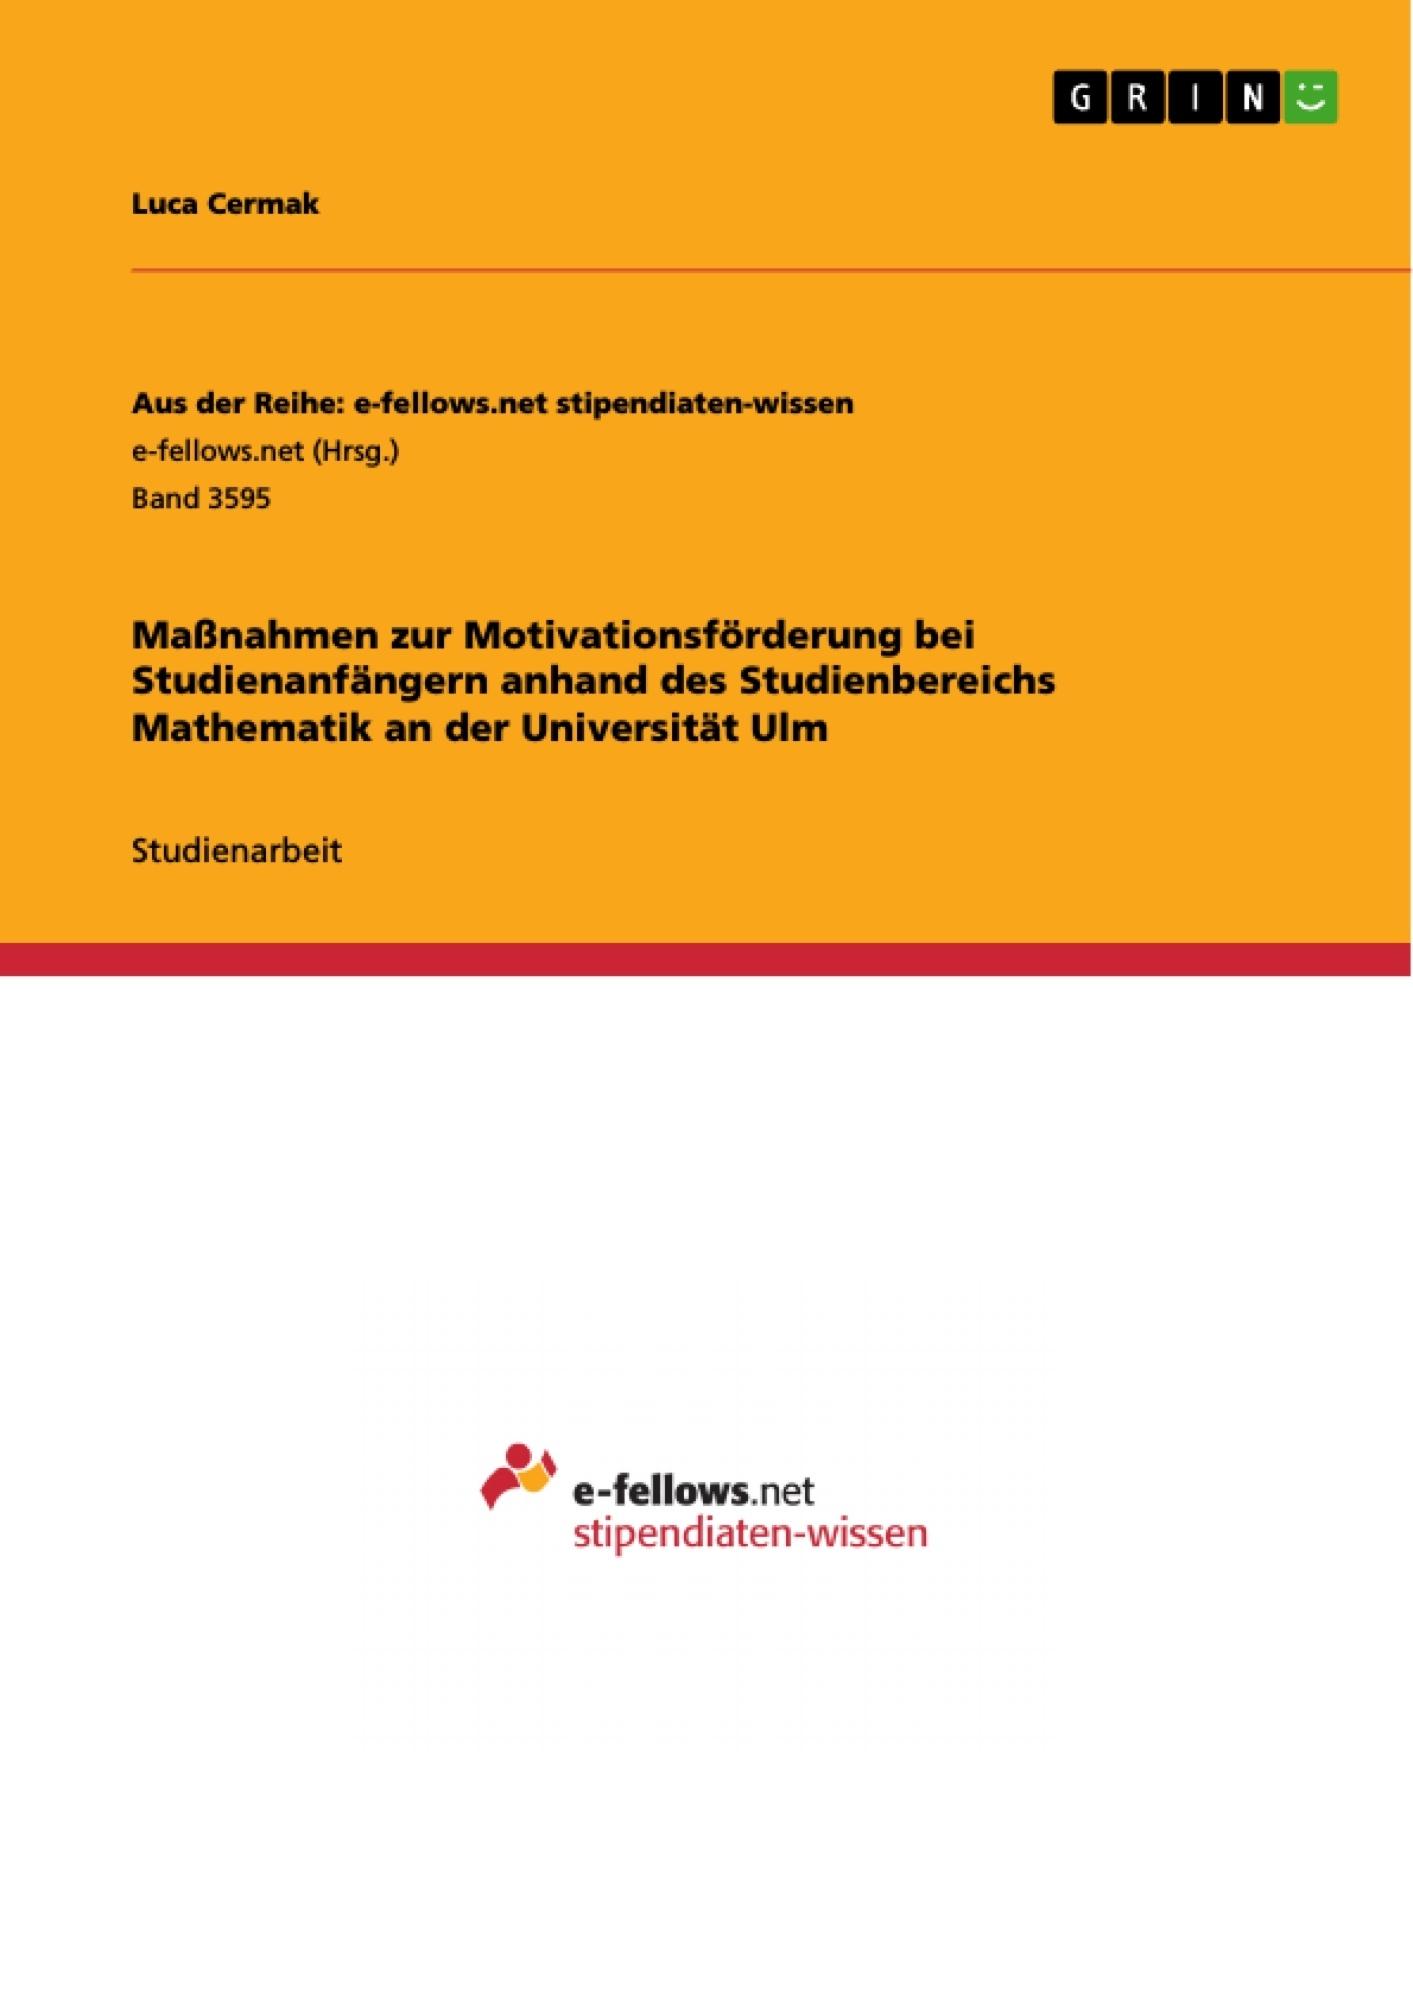 Titel: Maßnahmen zur Motivationsförderung bei Studienanfängern anhand des Studienbereichs Mathematik an der Universität Ulm